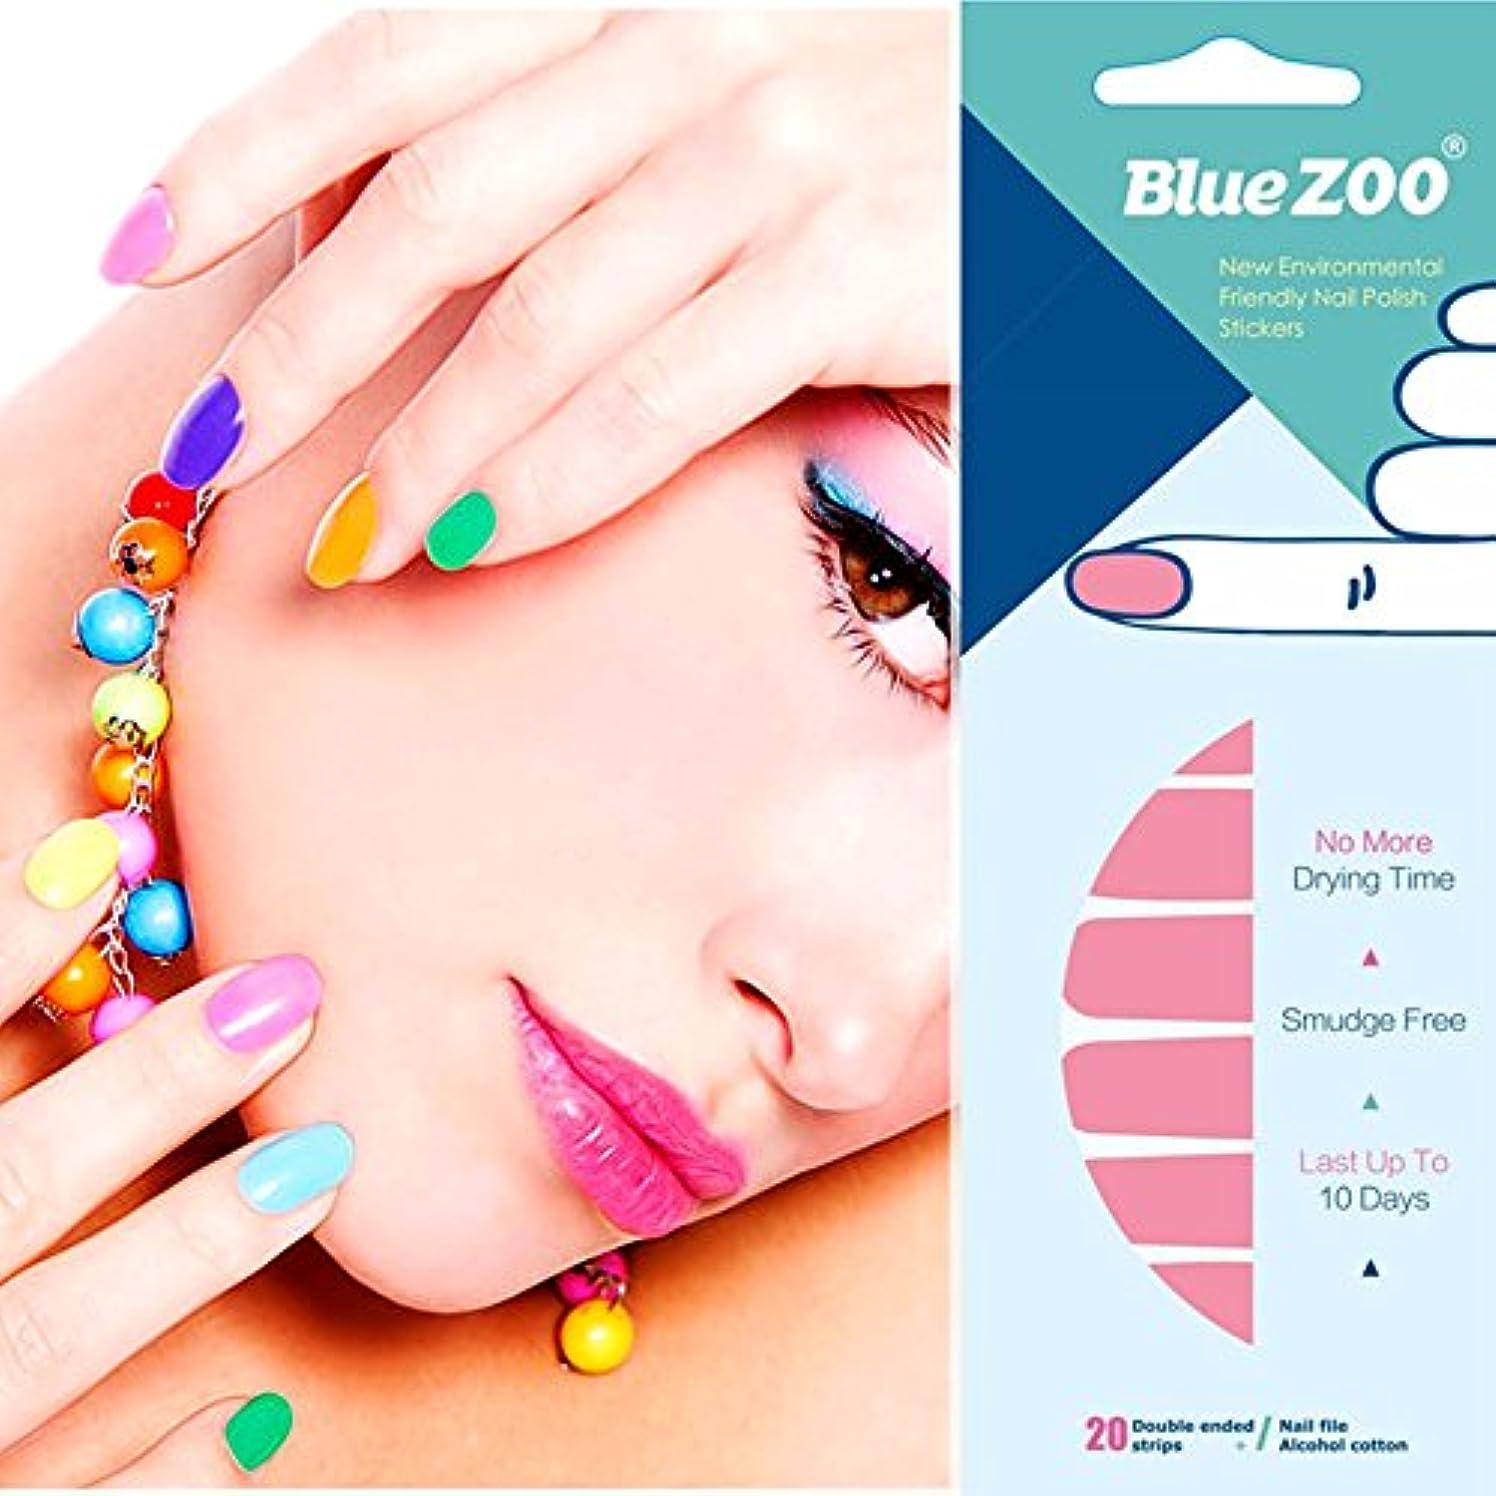 受け入れるレジベーシックBlueZOO (ブルーズー) ネイル シール ステッカー 高品質の 純色の ネイル ペースト 20個/枚 貼るだけマニキュア